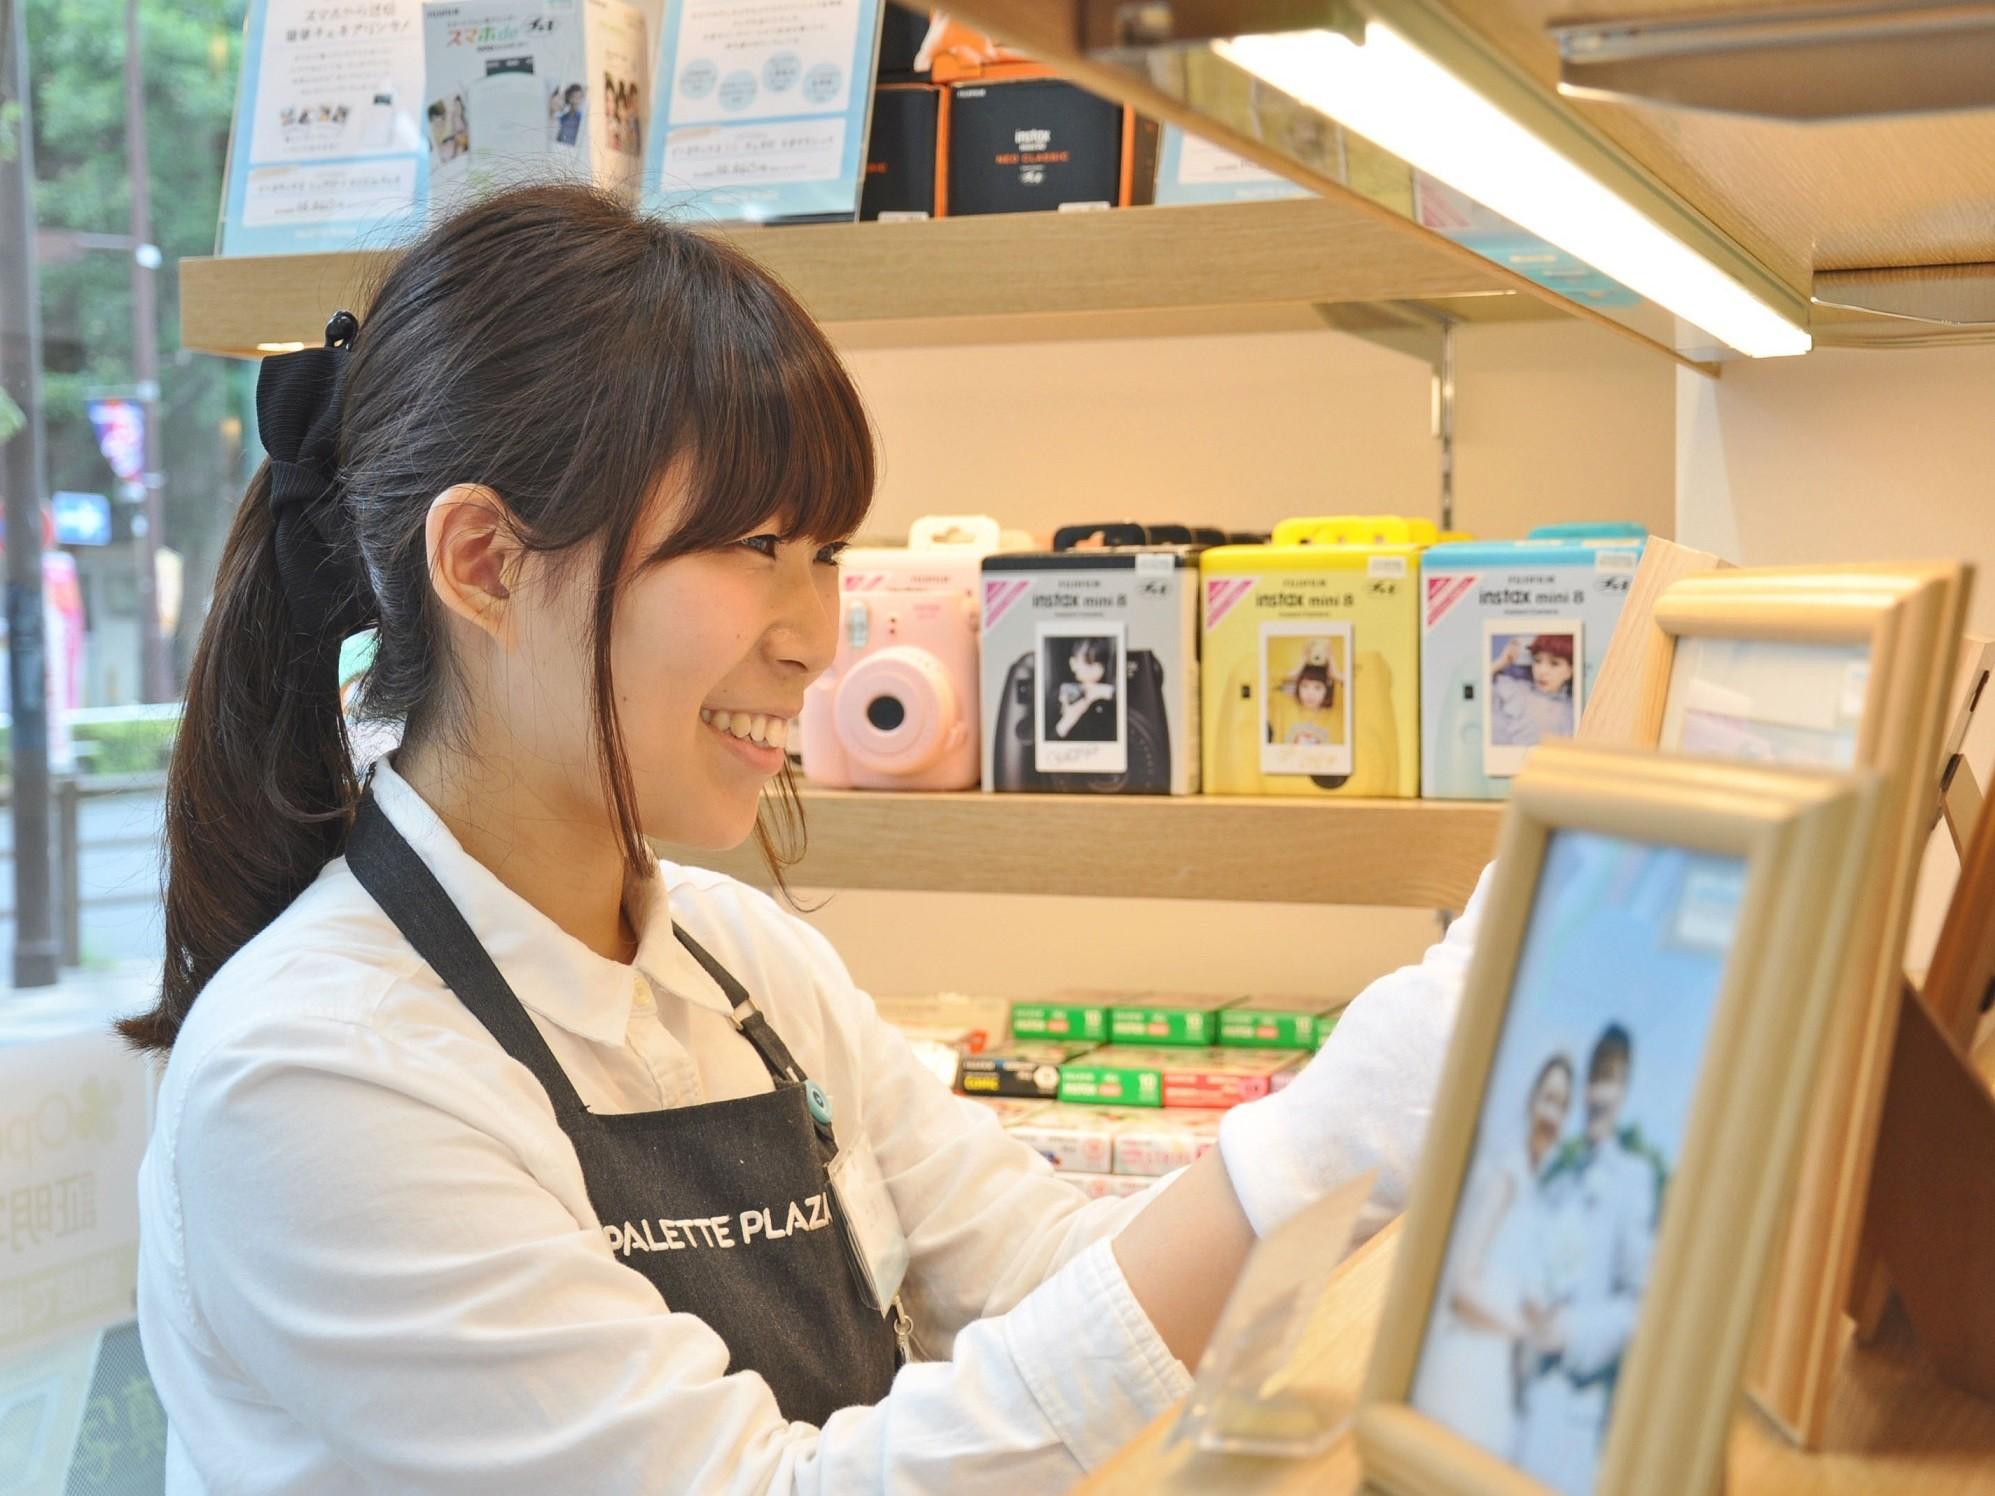 パレットプラザ 二子玉川ライズ・ショッピングセンター店 のアルバイト情報